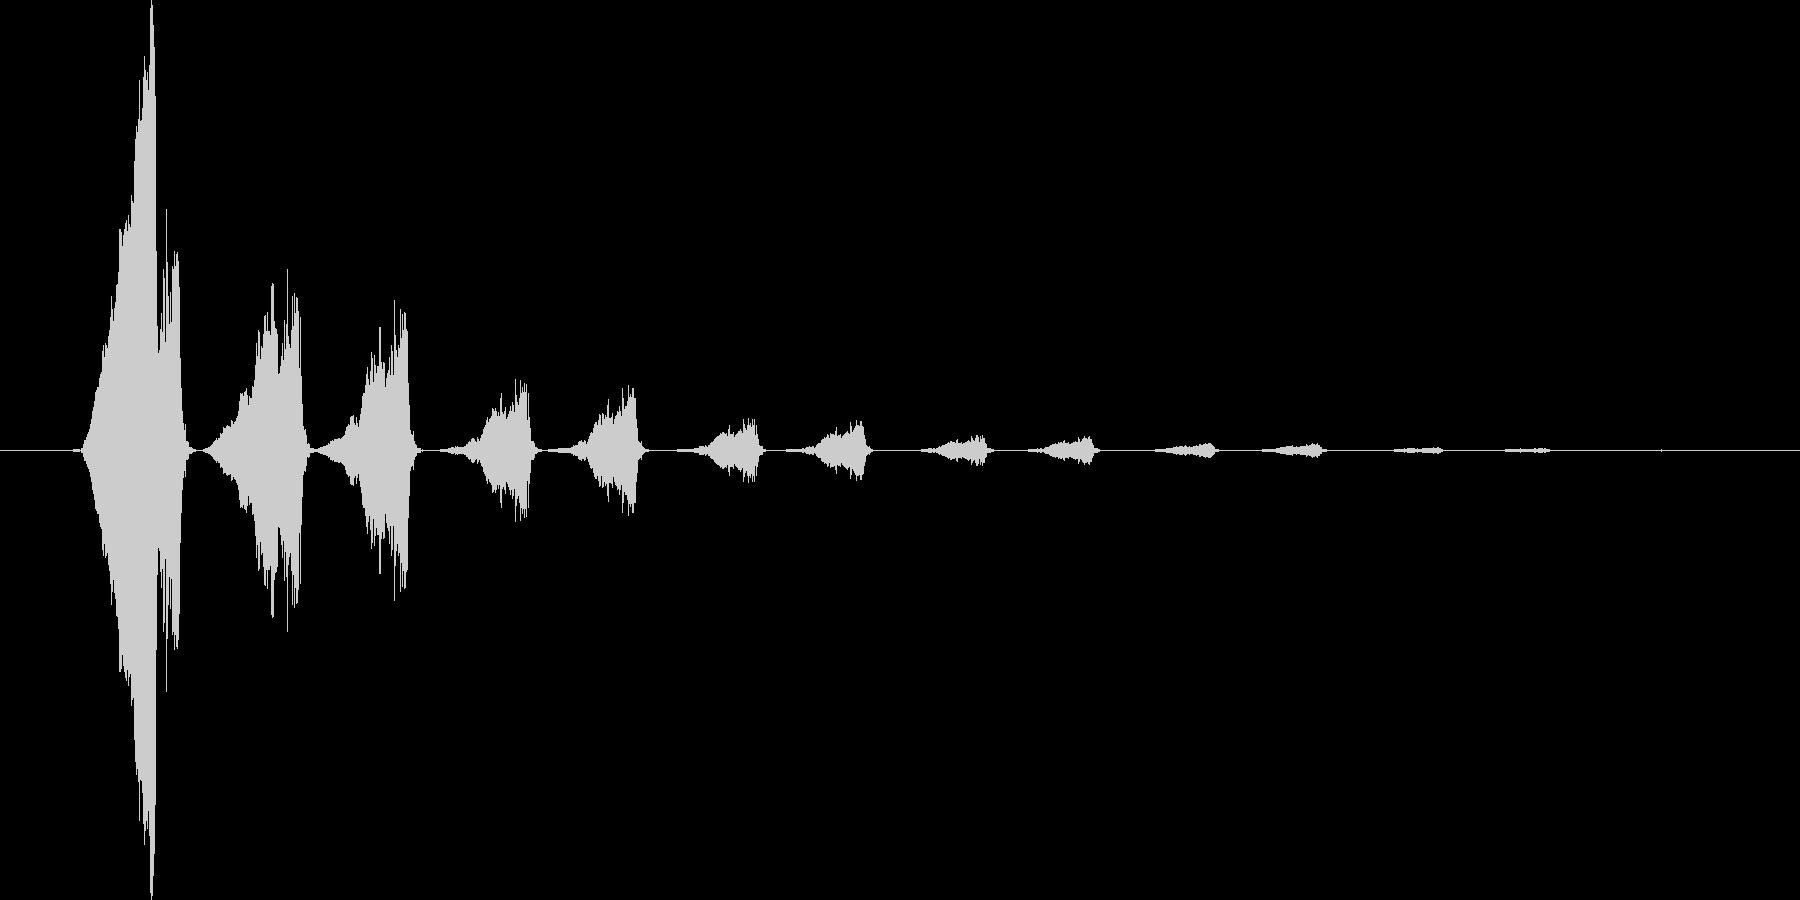 怪しげなタイトル音3の未再生の波形